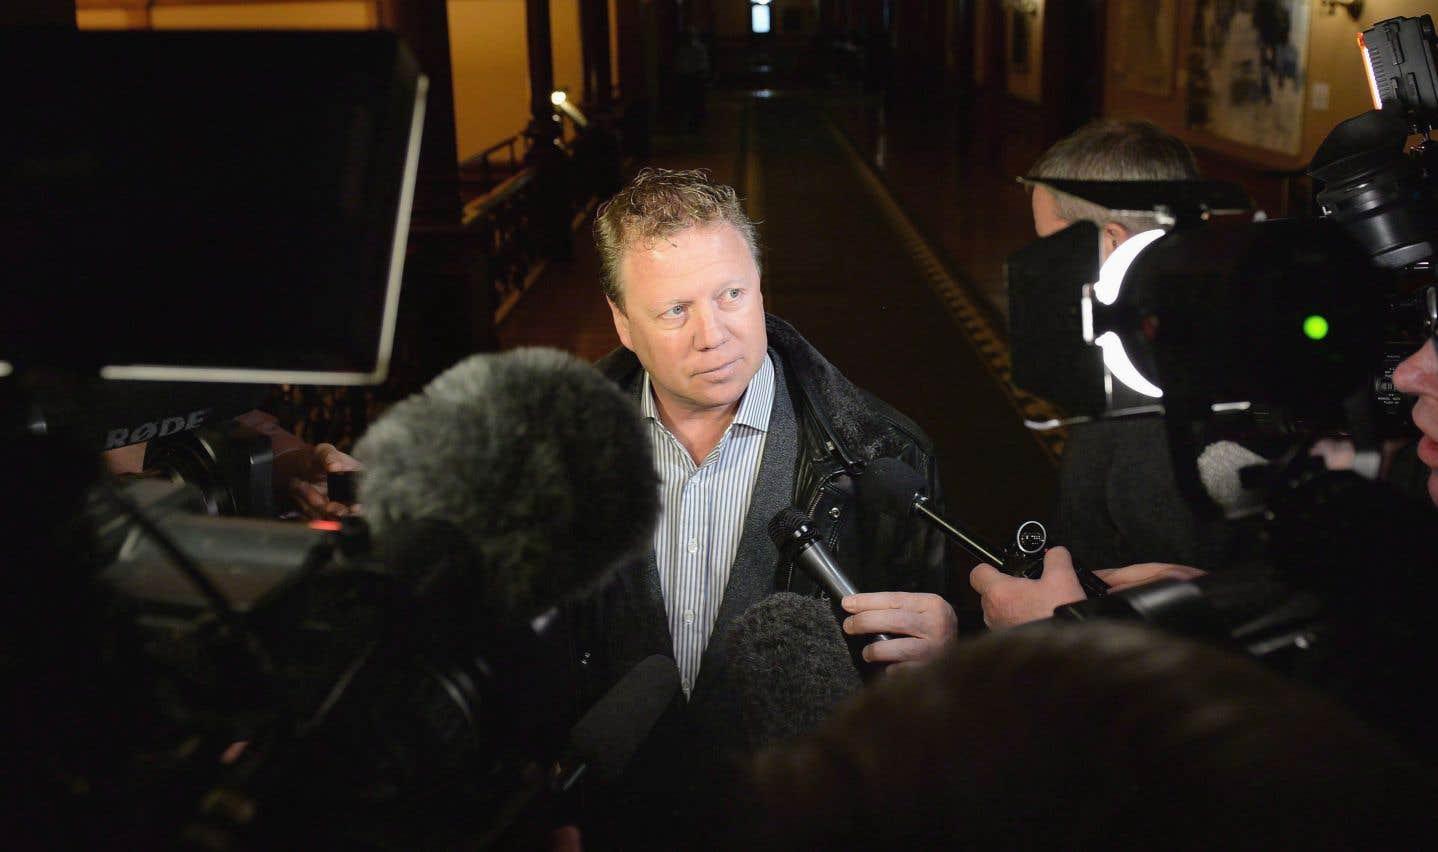 Rick Dykstra a fait l'objet d'une plainte à la police pour agression sexuelle en 2014 lorsqu'il était encore député fédéral.